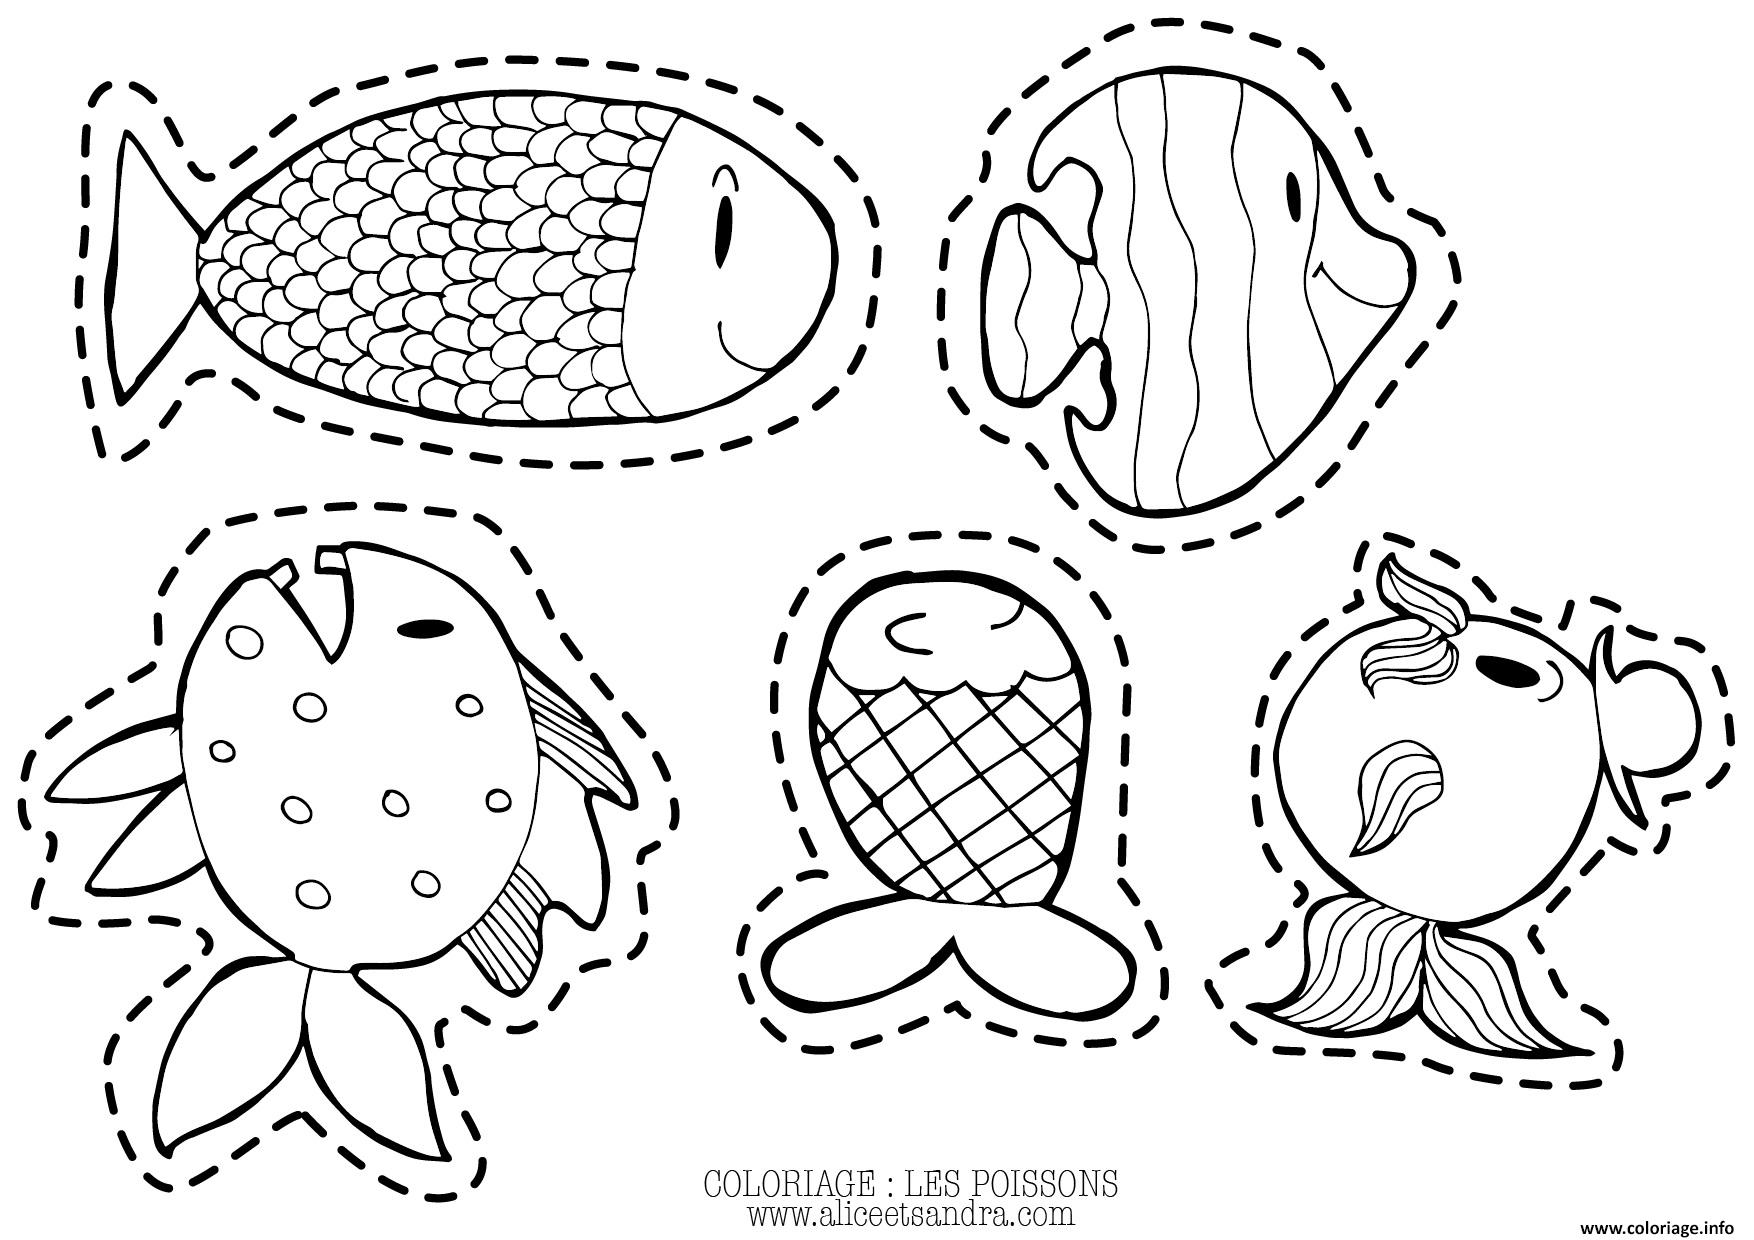 Coloriage les poissons d avril par alice et sandra - Image de poisson a imprimer ...